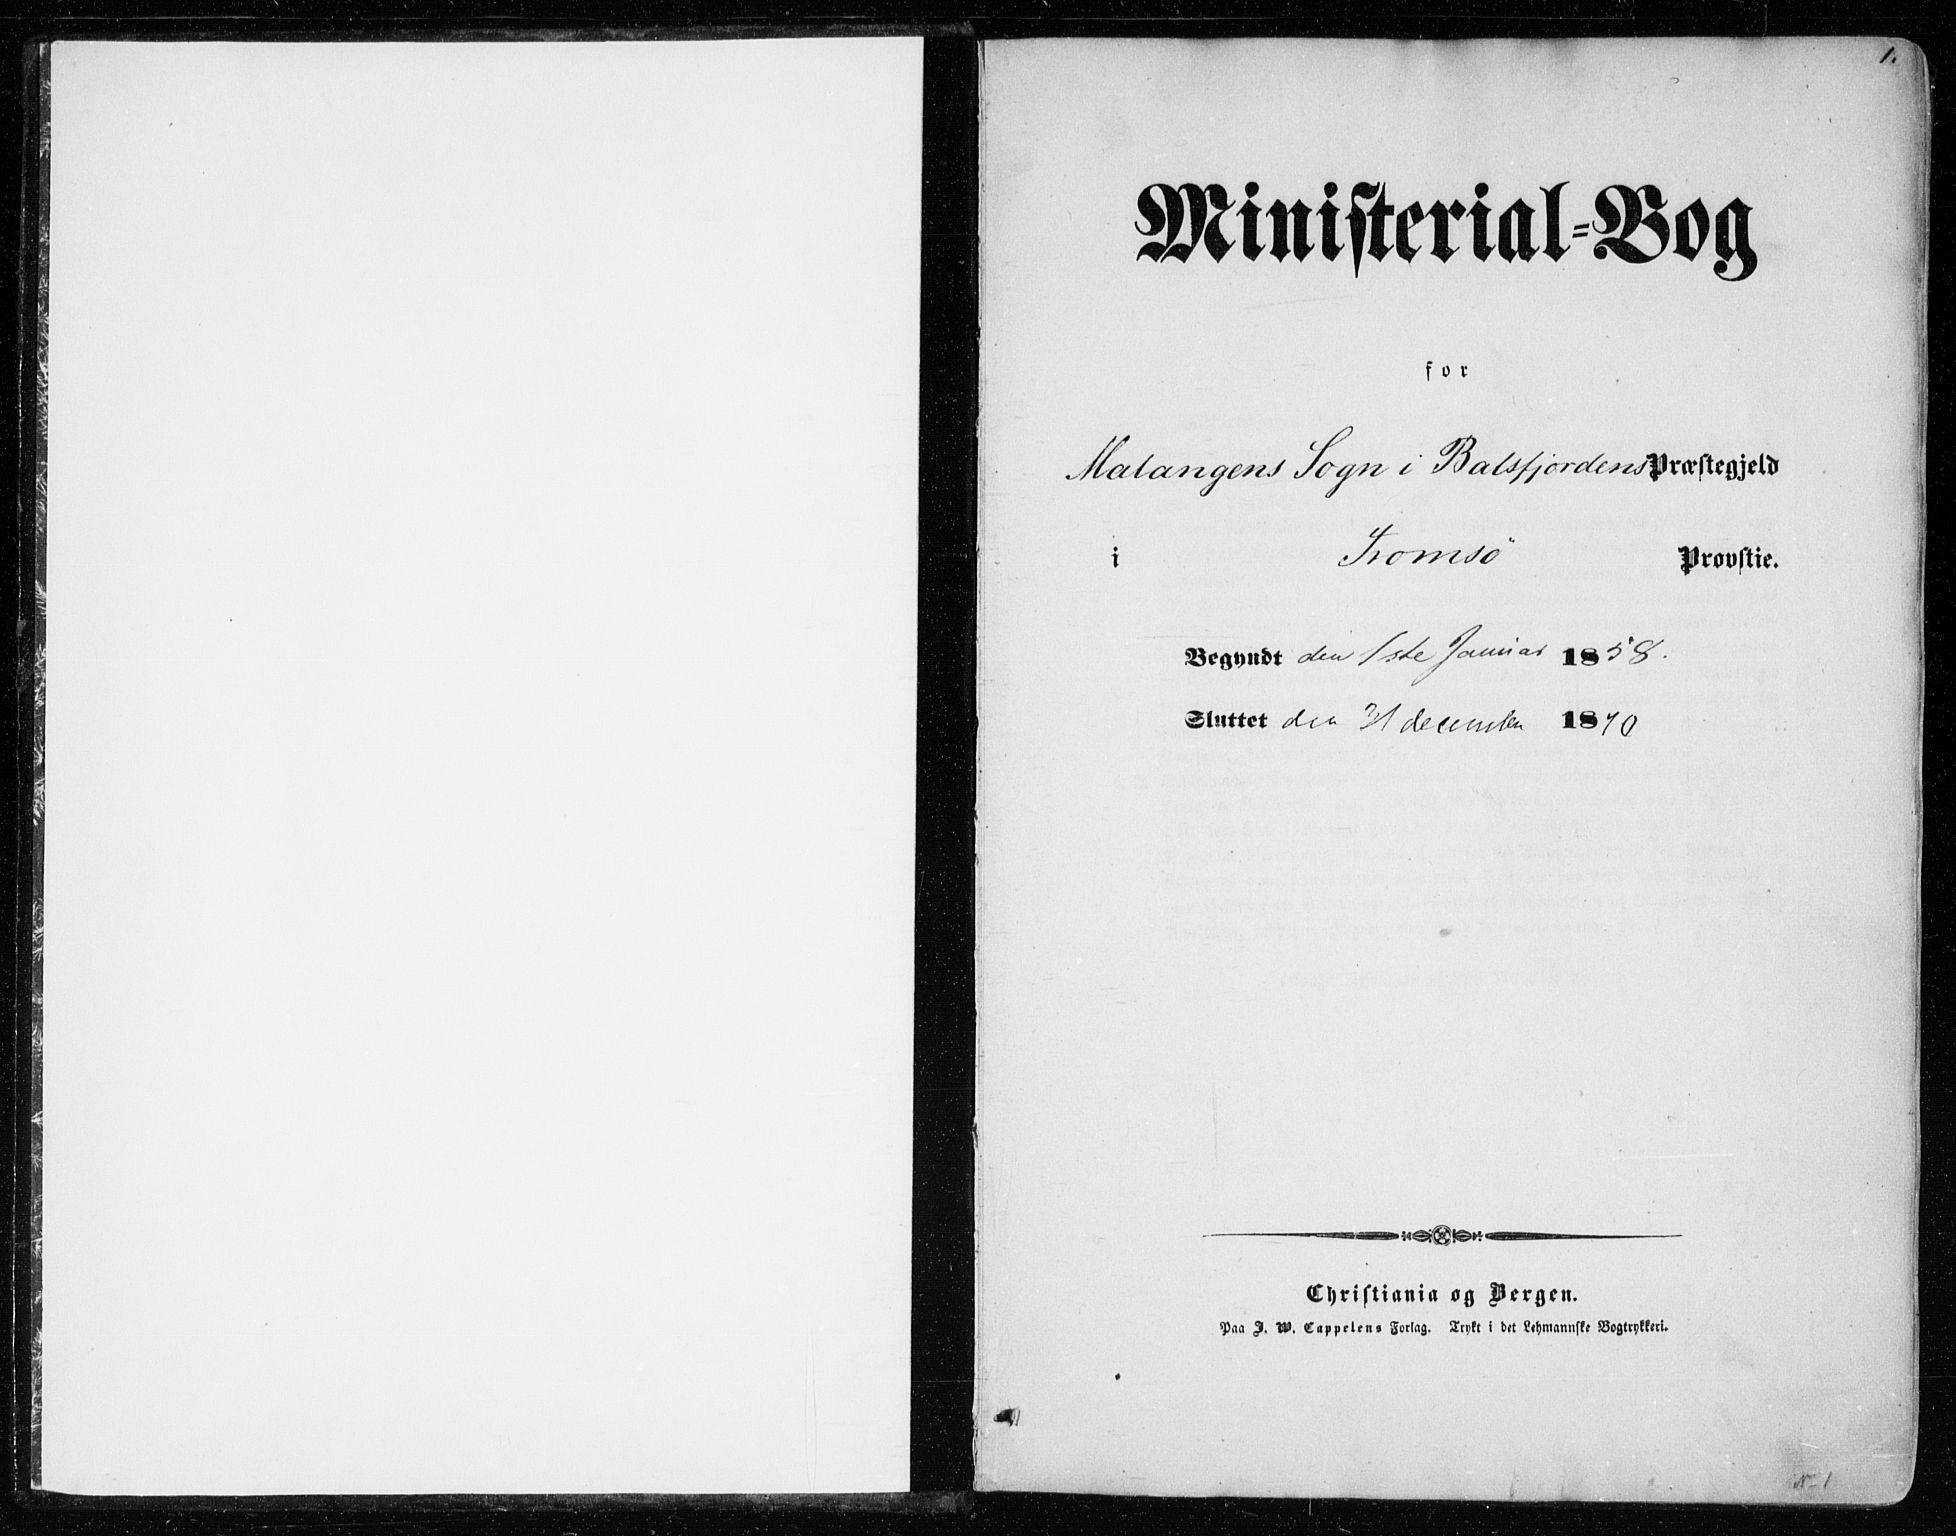 SATØ, Balsfjord sokneprestembete, Ministerialbok nr. 1, 1858-1870, s. 1